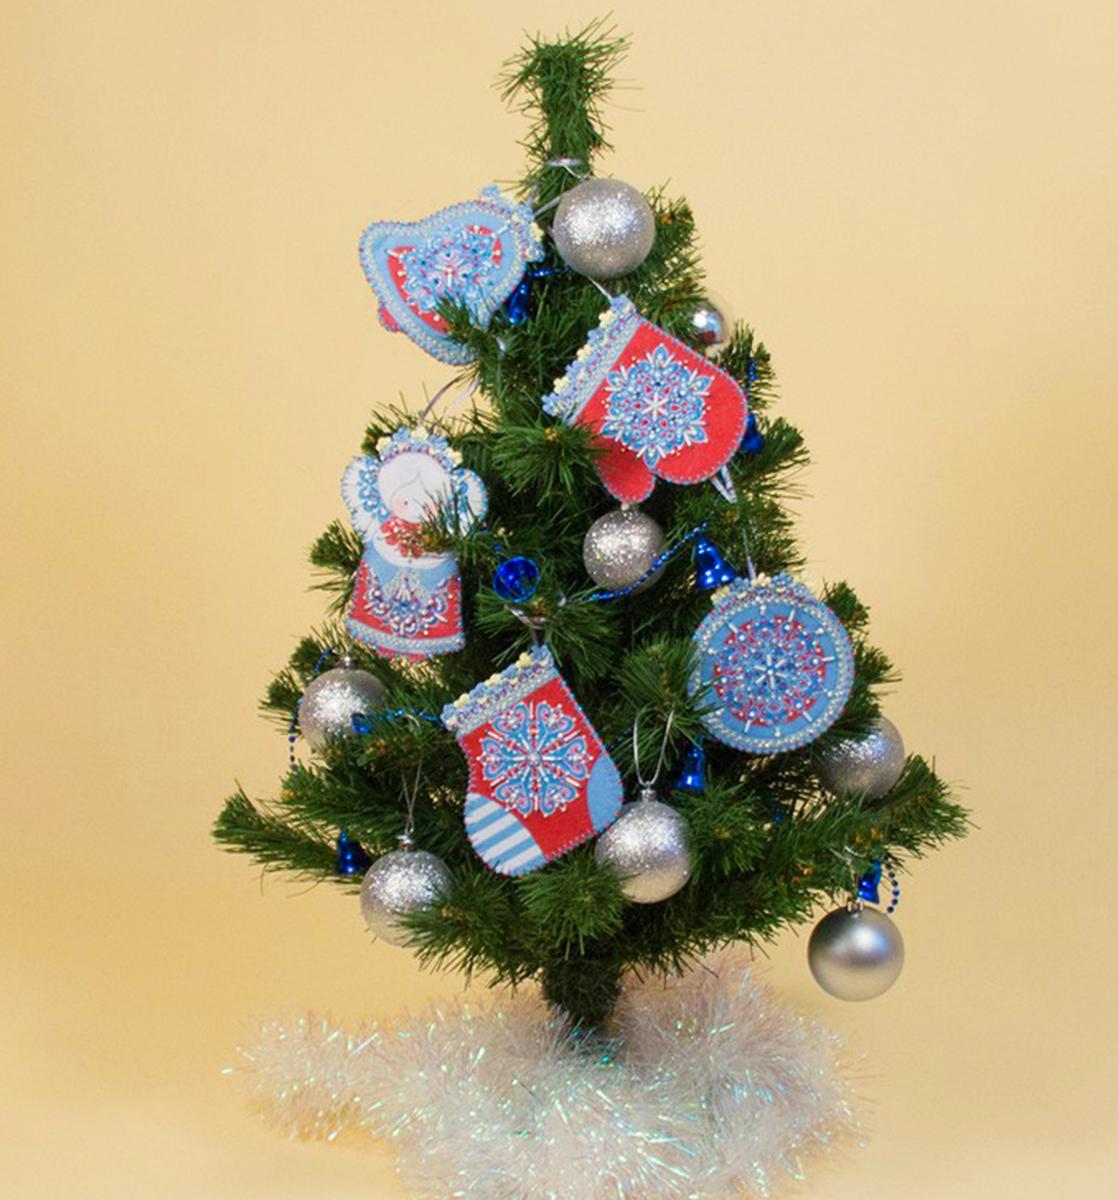 Набор для шитья и вышивания Матренин Посад  Новогодние игрушки , 13 х 10 см - Игрушки своими руками